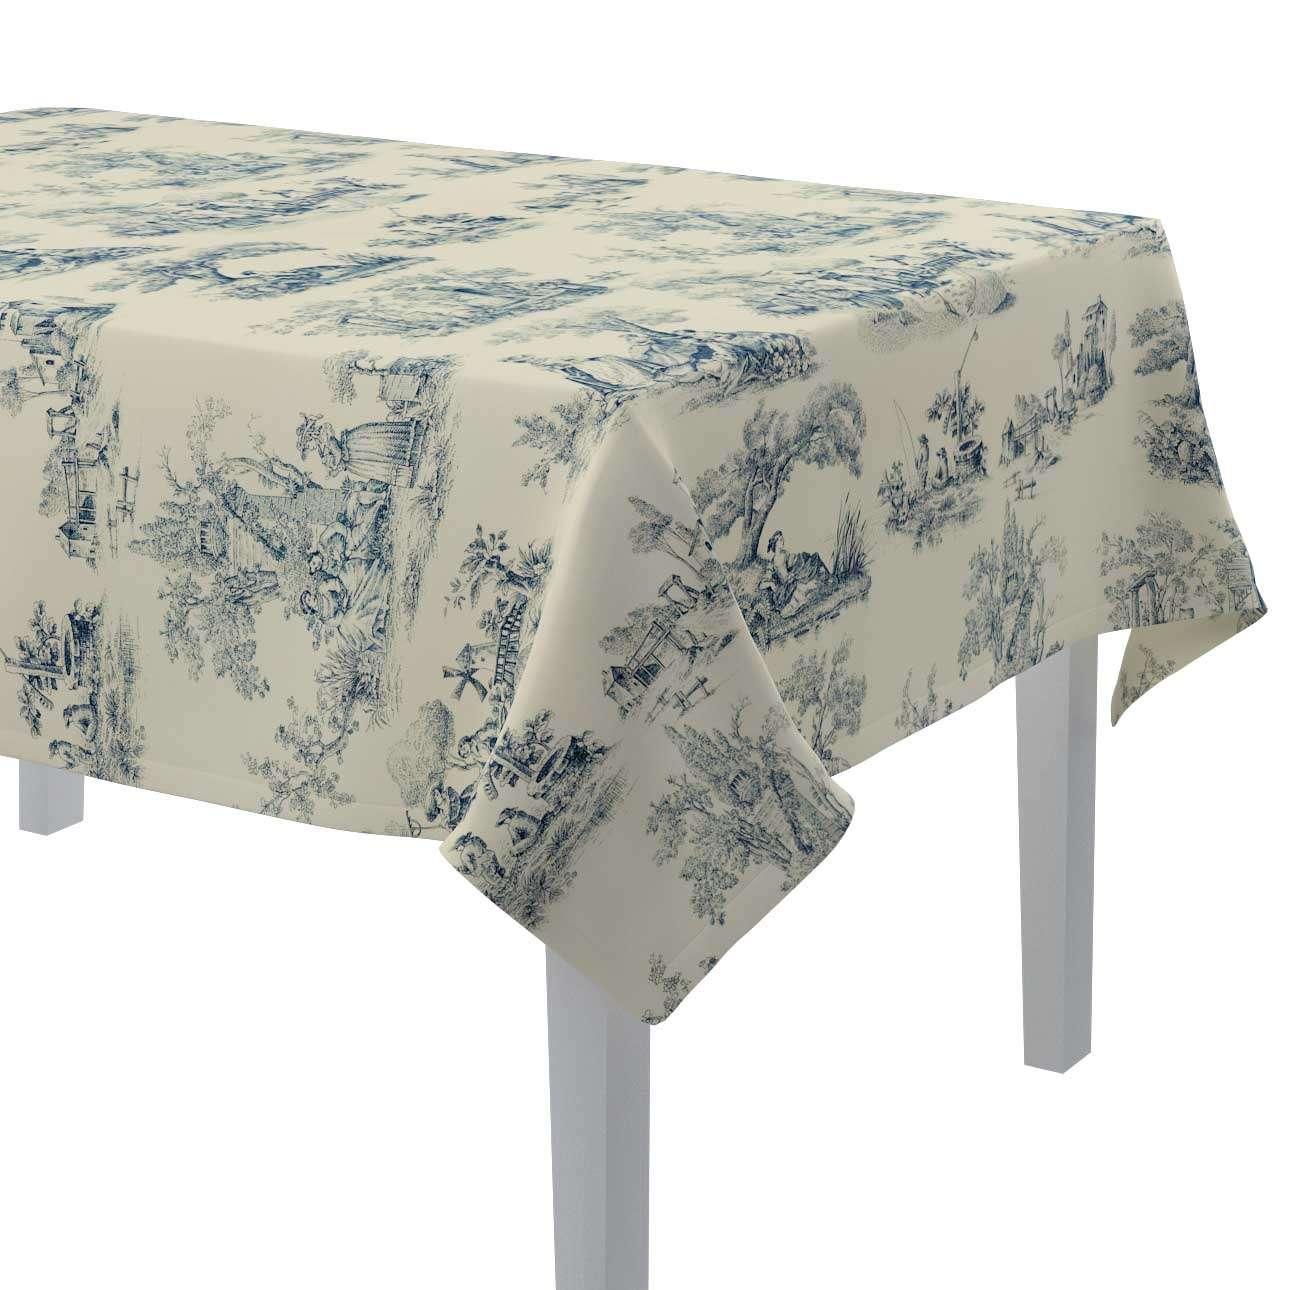 Staltiesės (stalui su kampais) 130 x 130 cm kolekcijoje Avinon, audinys: 132-66